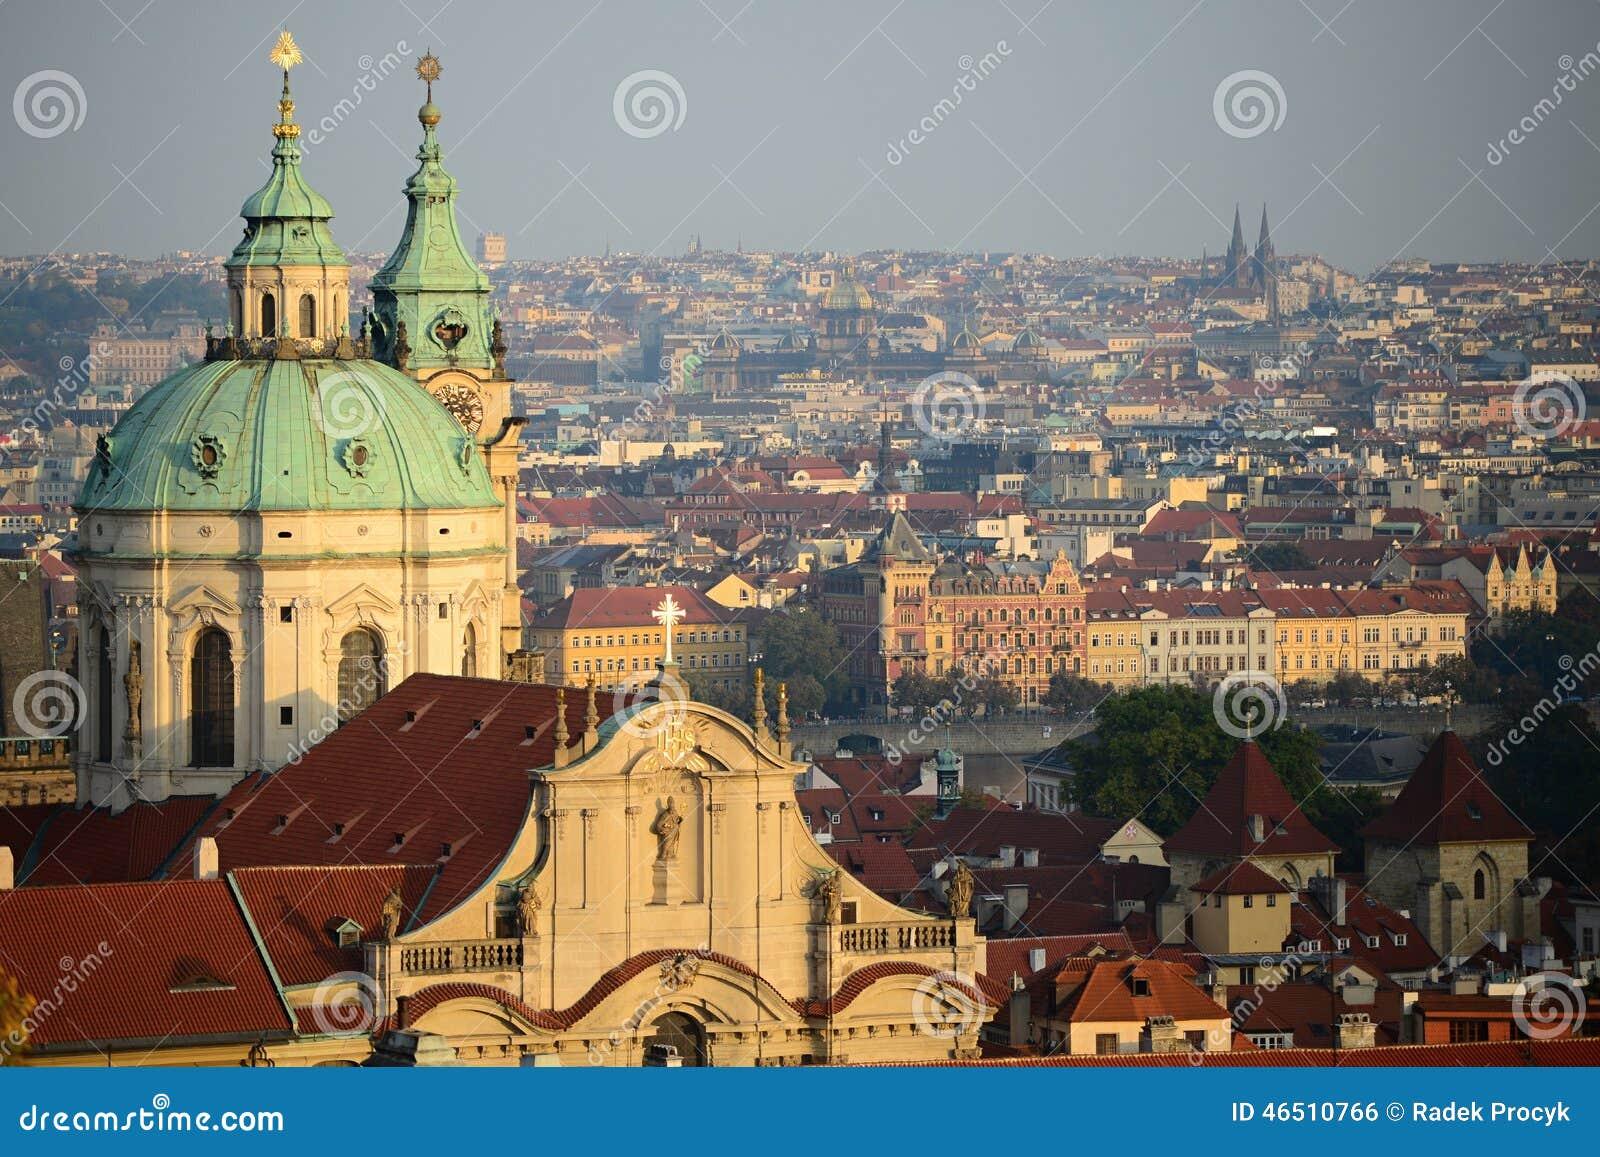 Prague city center stock photo image 46510766 for Prague center